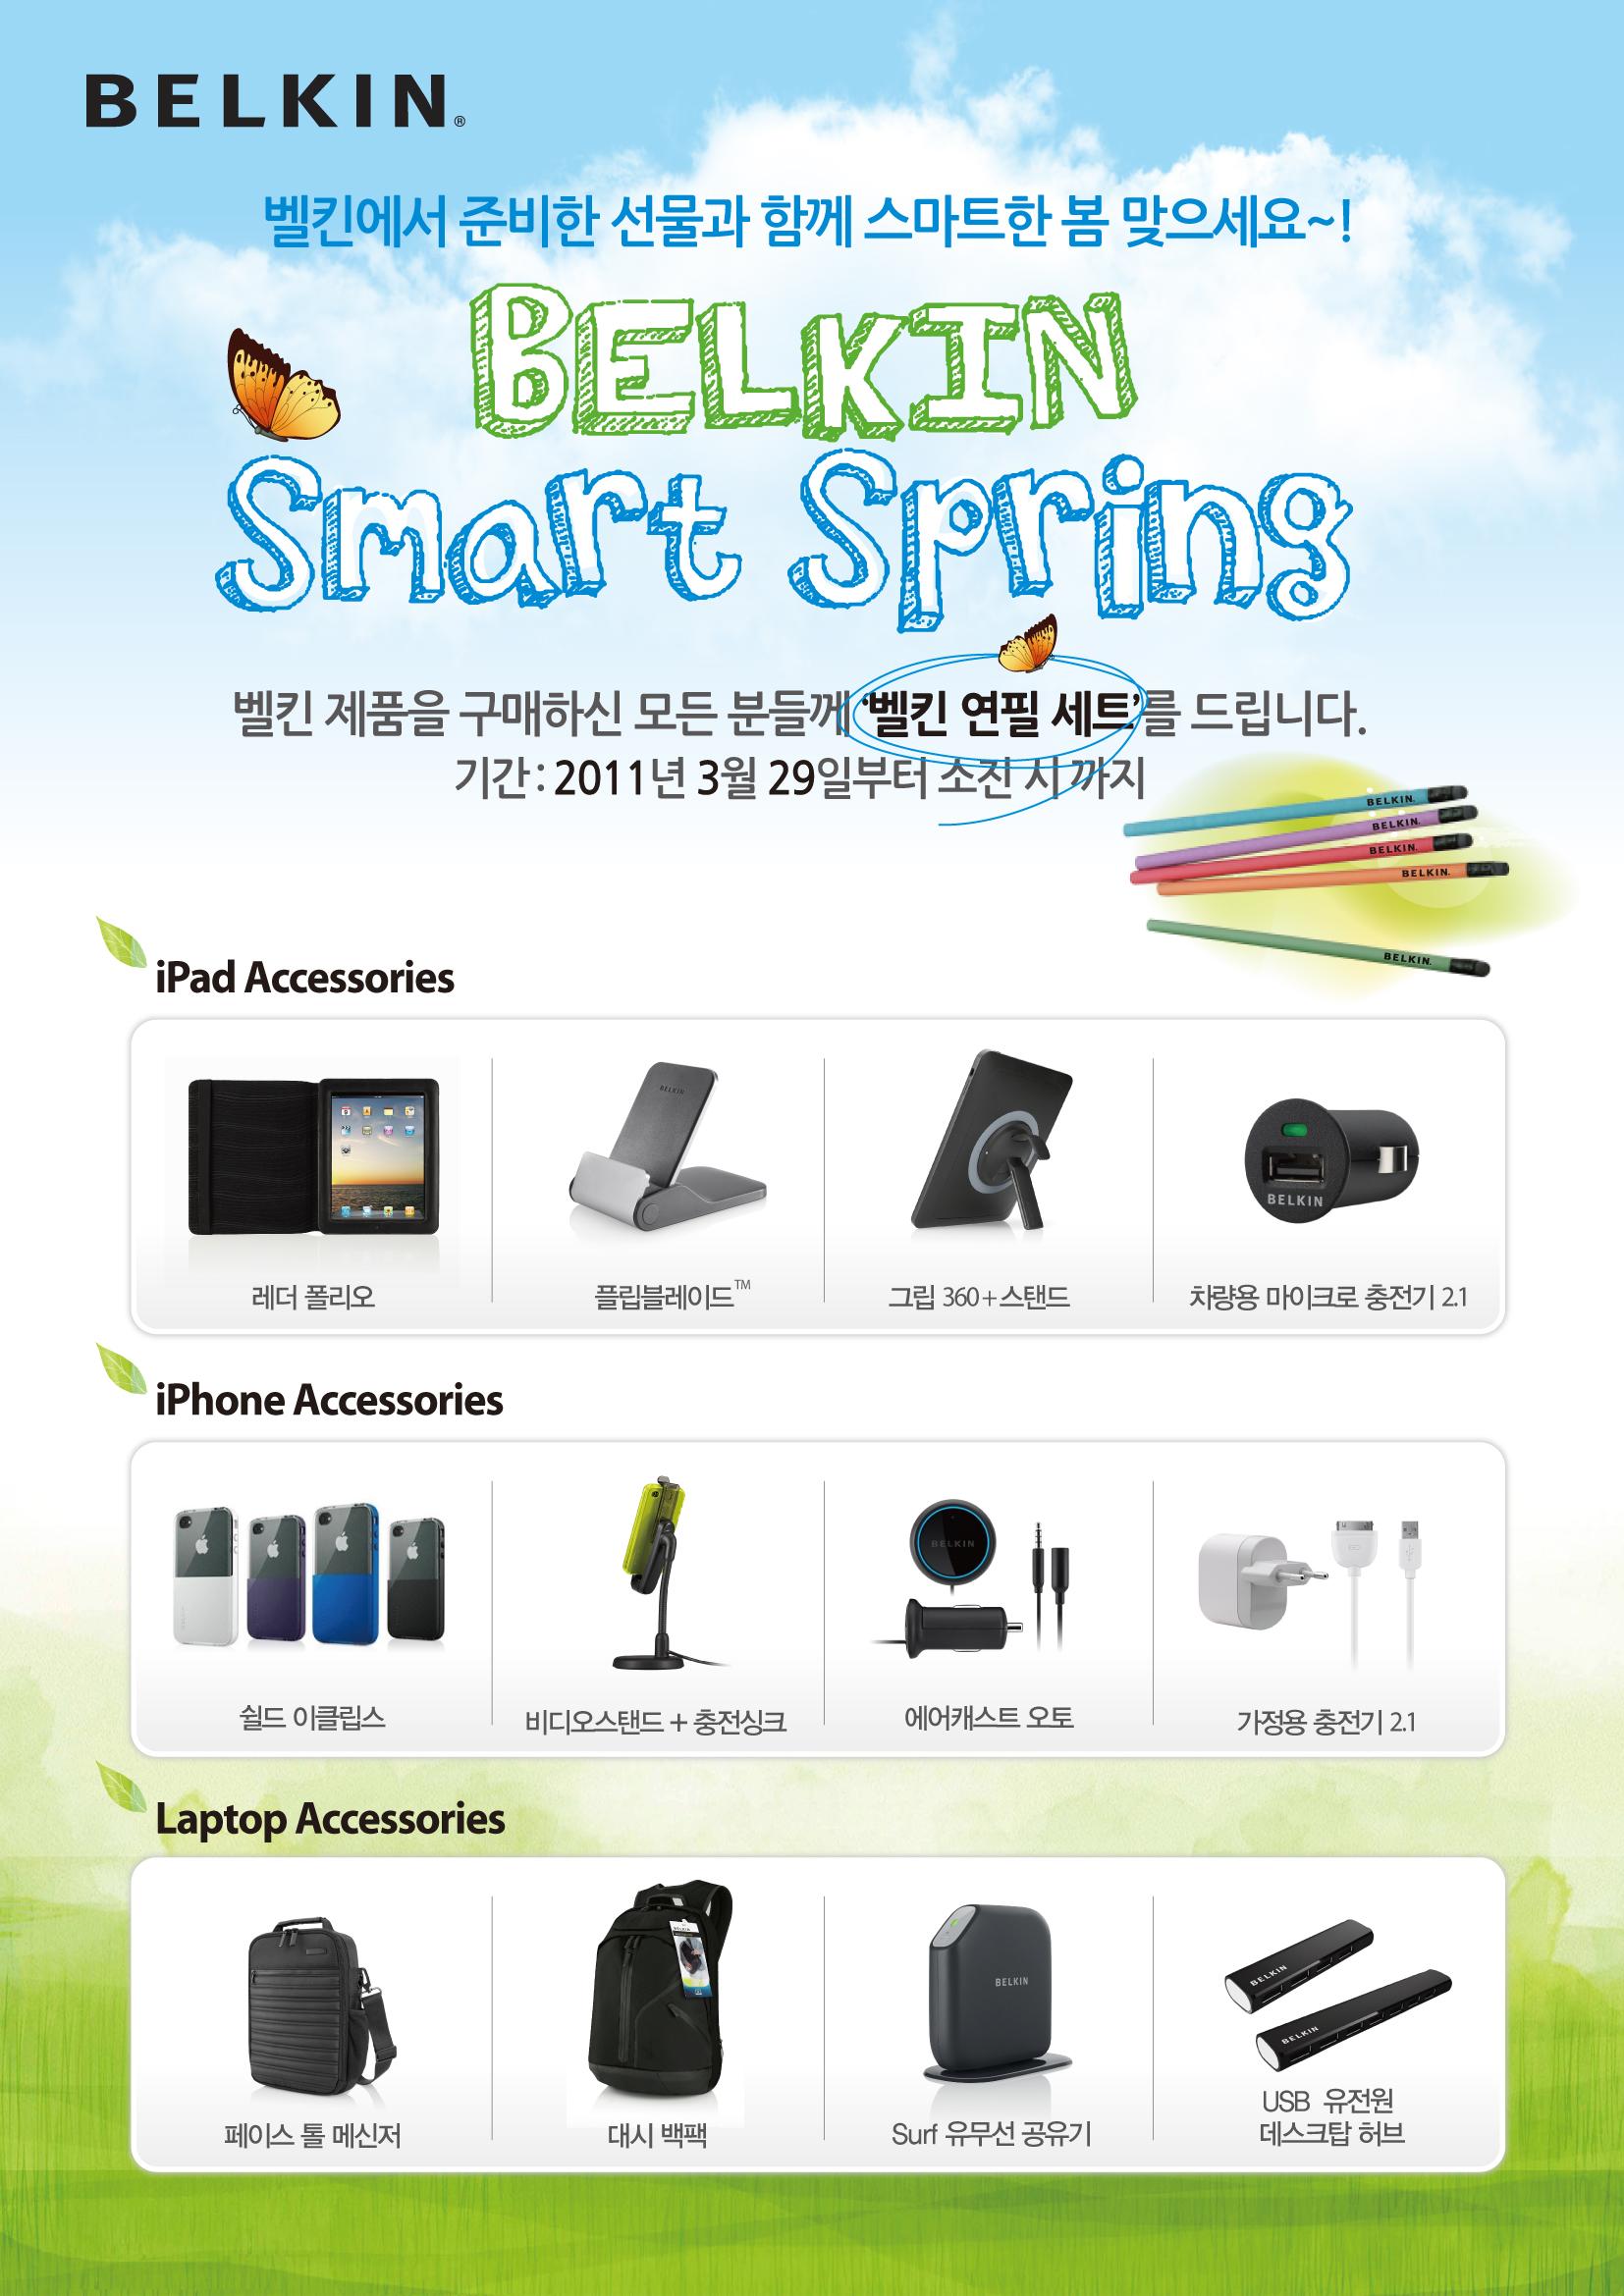 벨킨, 밸킨, 벨킨 가방, 백팩ㄹ, 대시 백팩, 대시백팩, USB, 가방, 백팩 추천